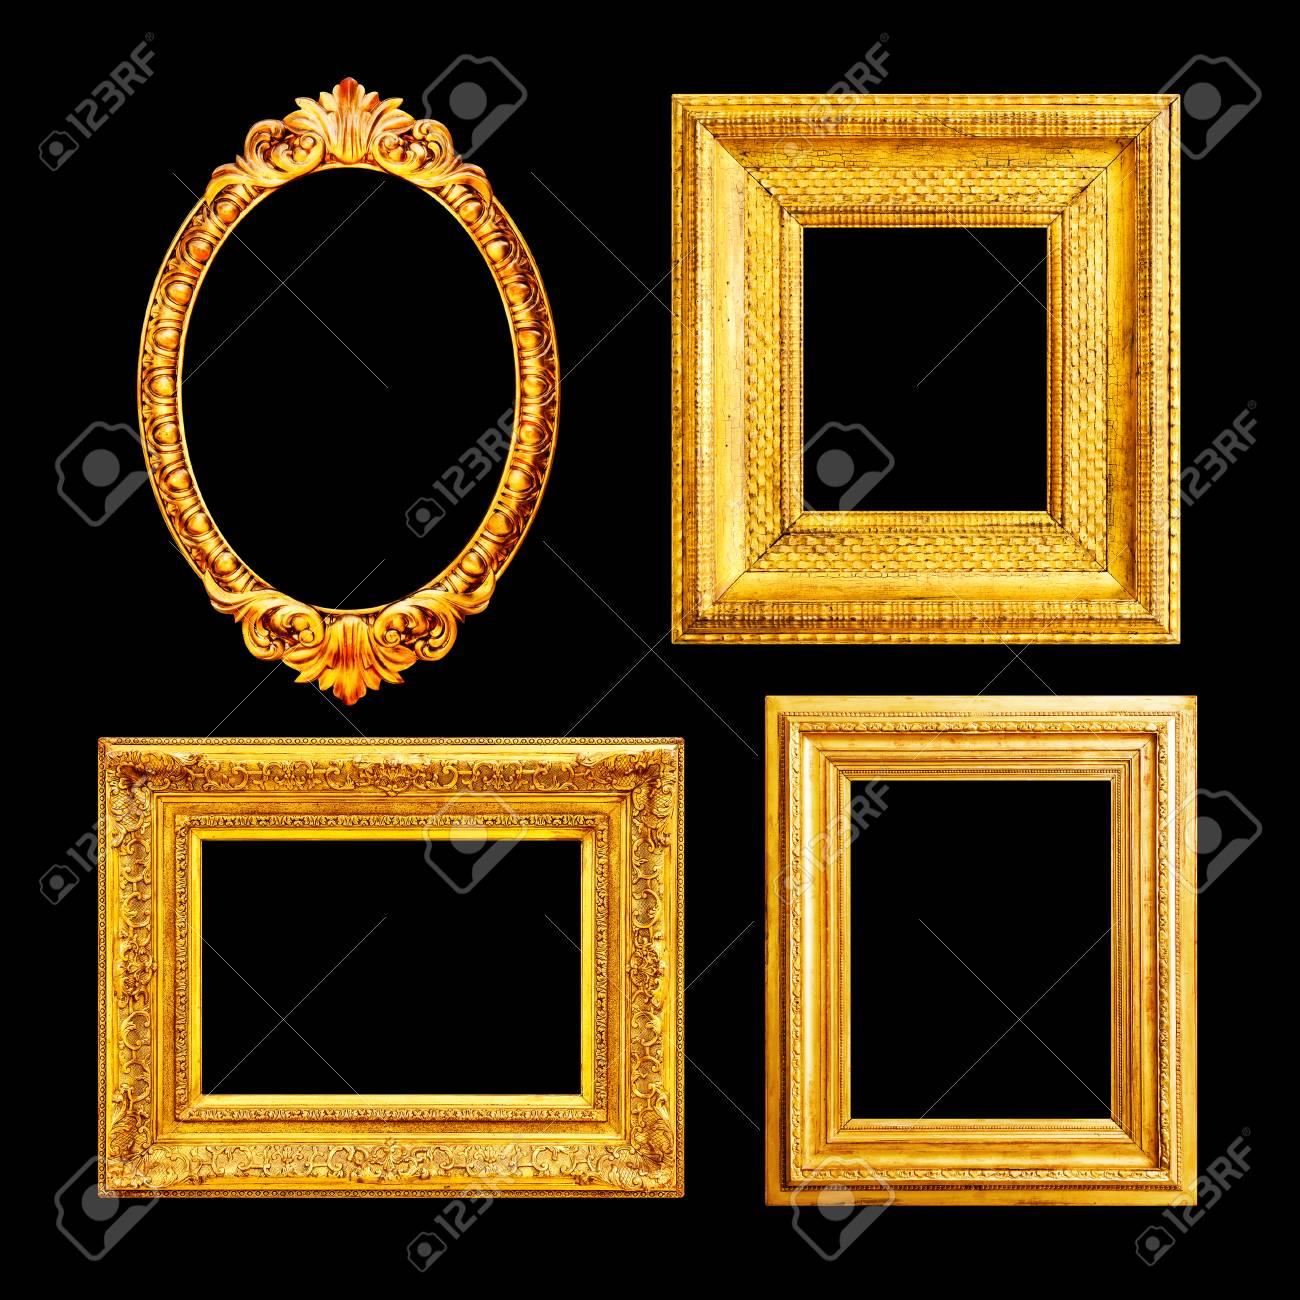 627f7ef13574 Ornate luxury gilded frame isolated on black background Stock Photo -  88885453